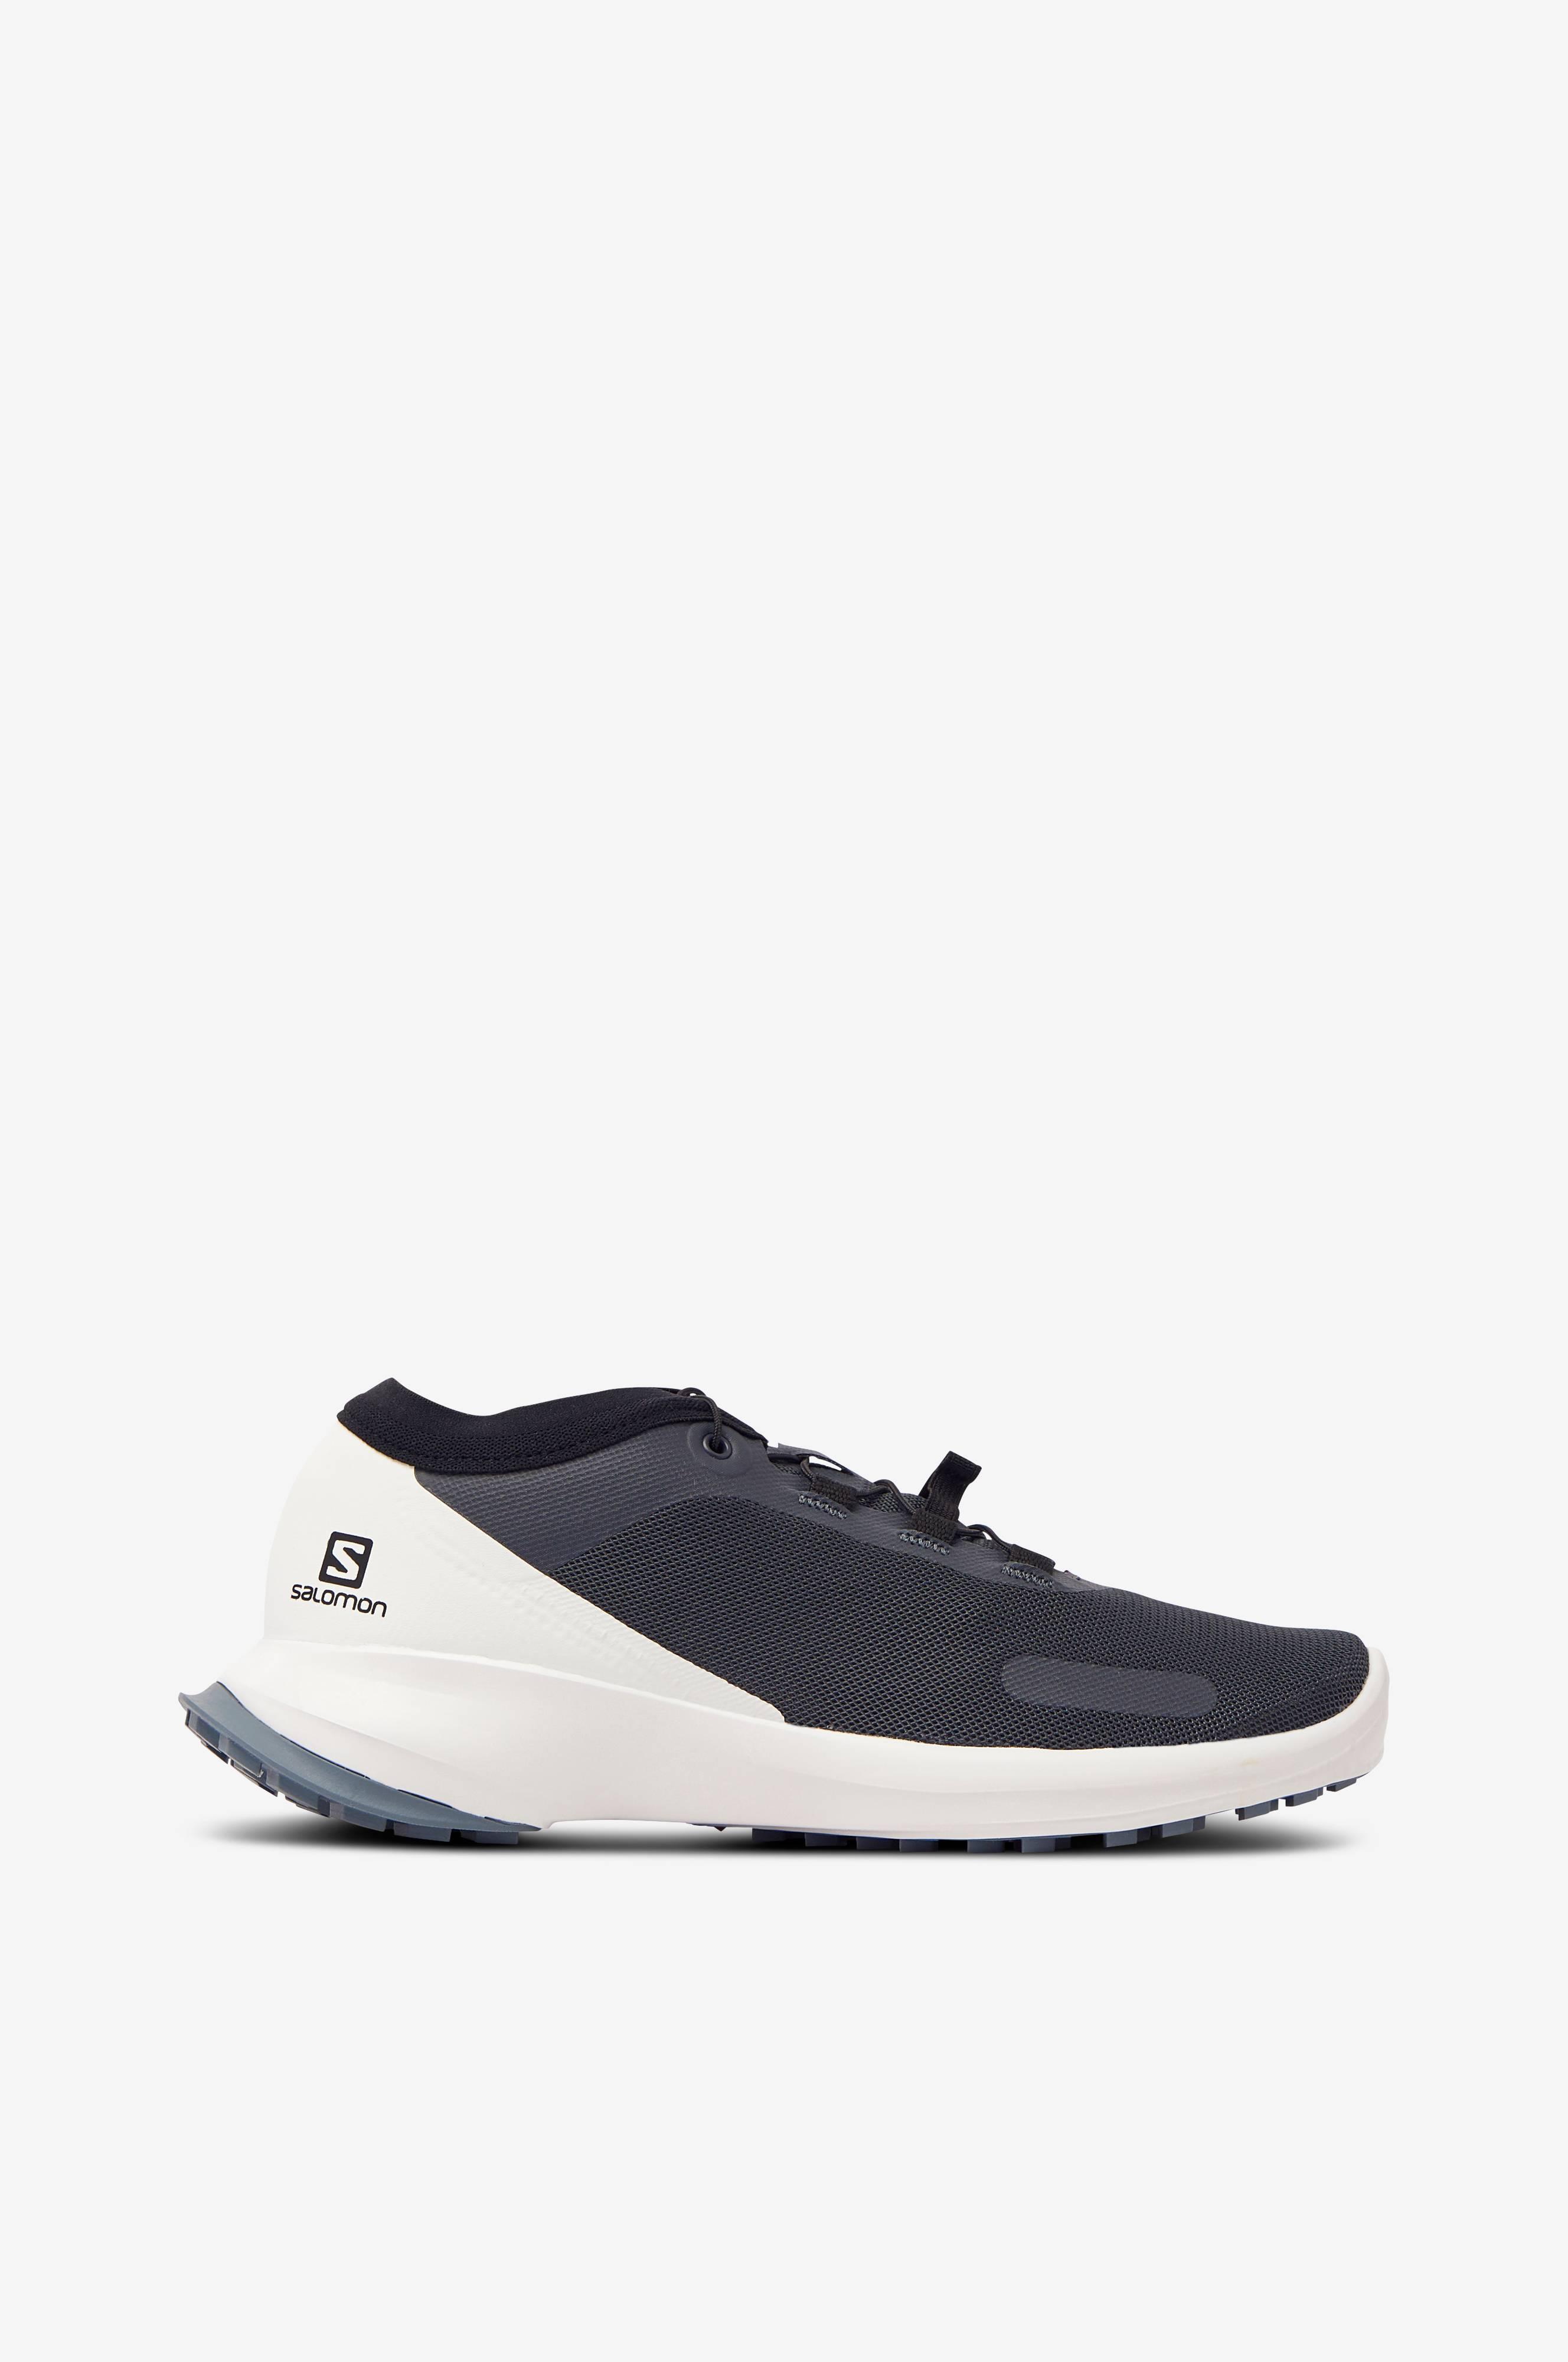 Salomon Women's Rx Slide 3.0 W Slippers